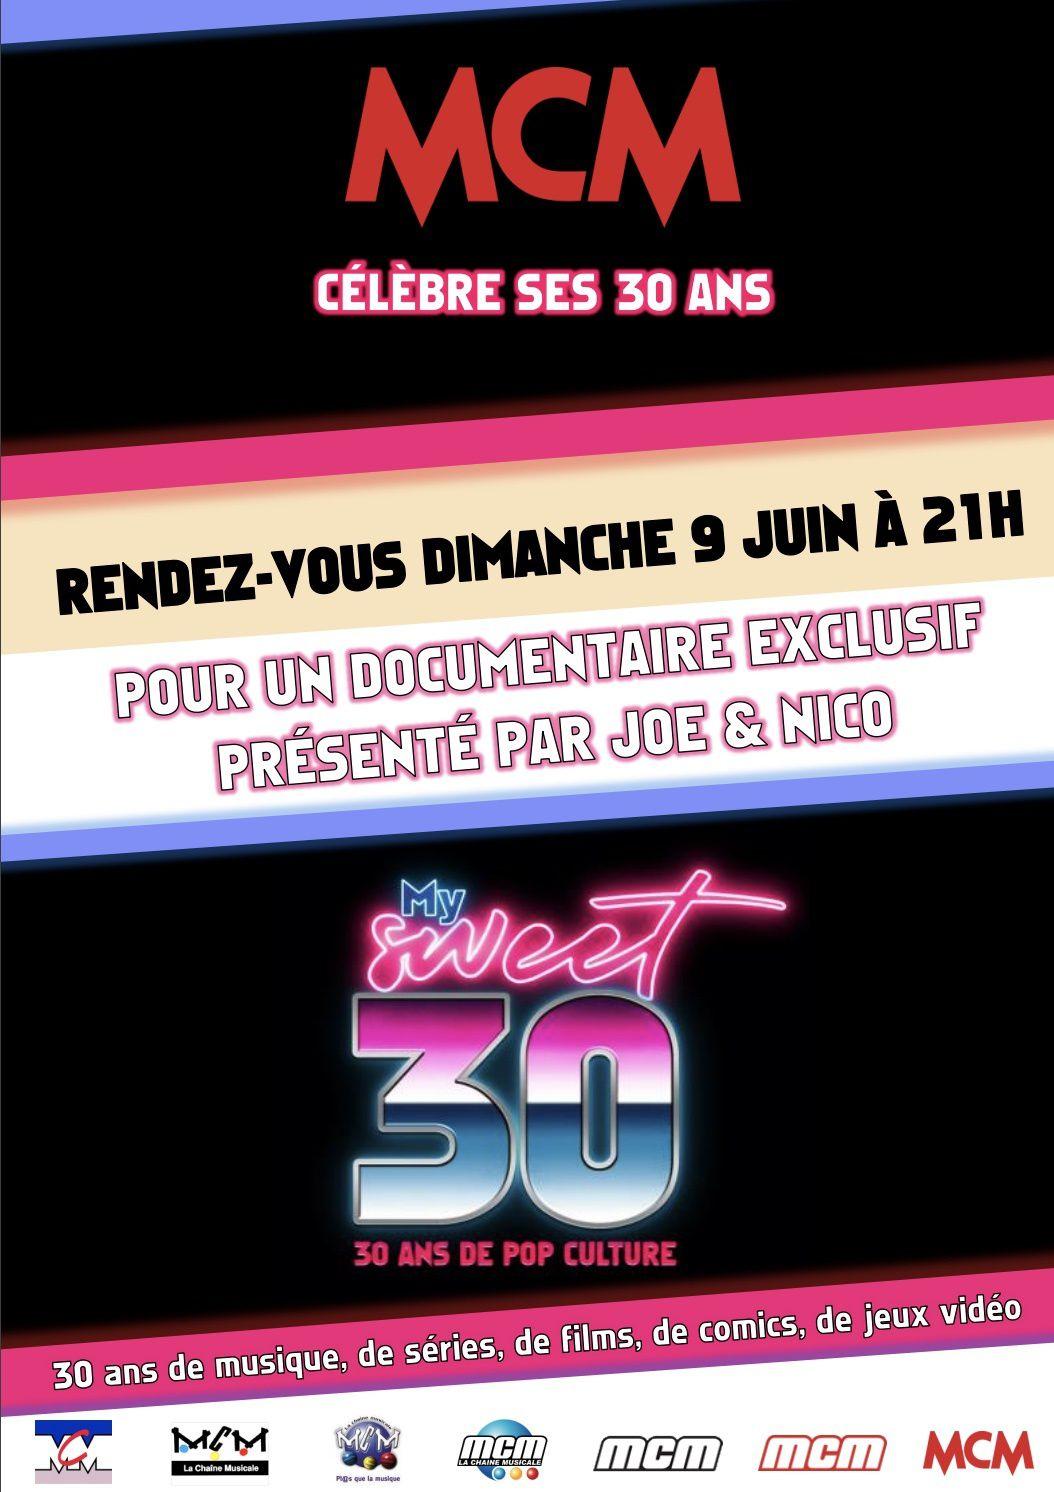 « My Sweet 30 : 30 ans de Pop Culture » ce dimanche sur MCM.